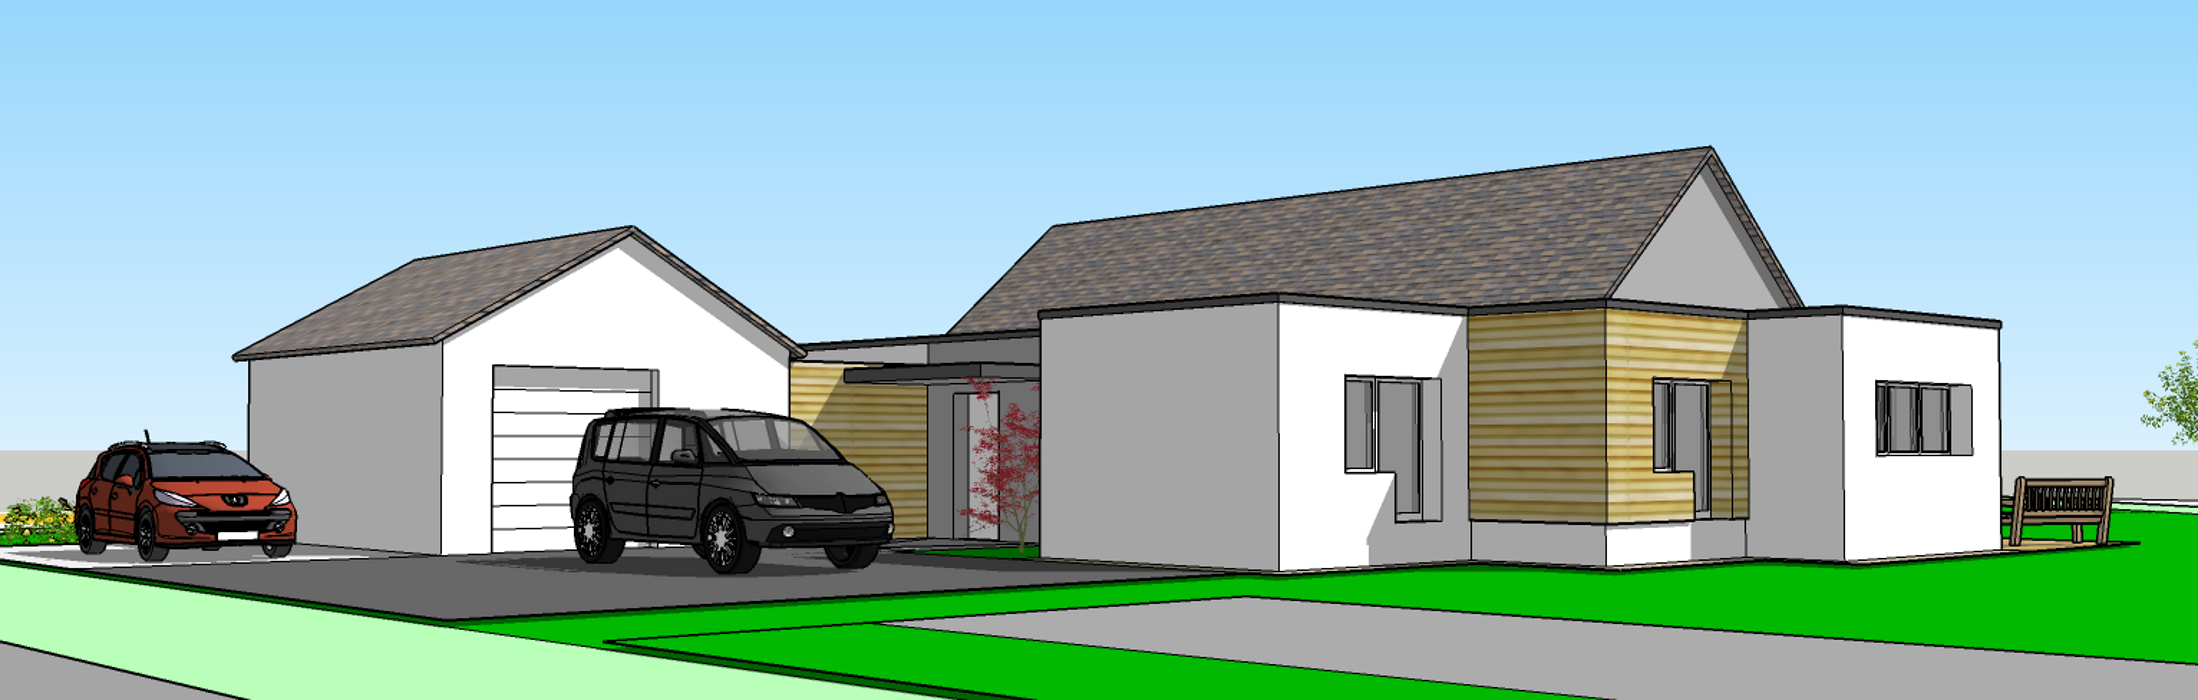 Projet : Aménager une maison avec accessibilité handicapé 14